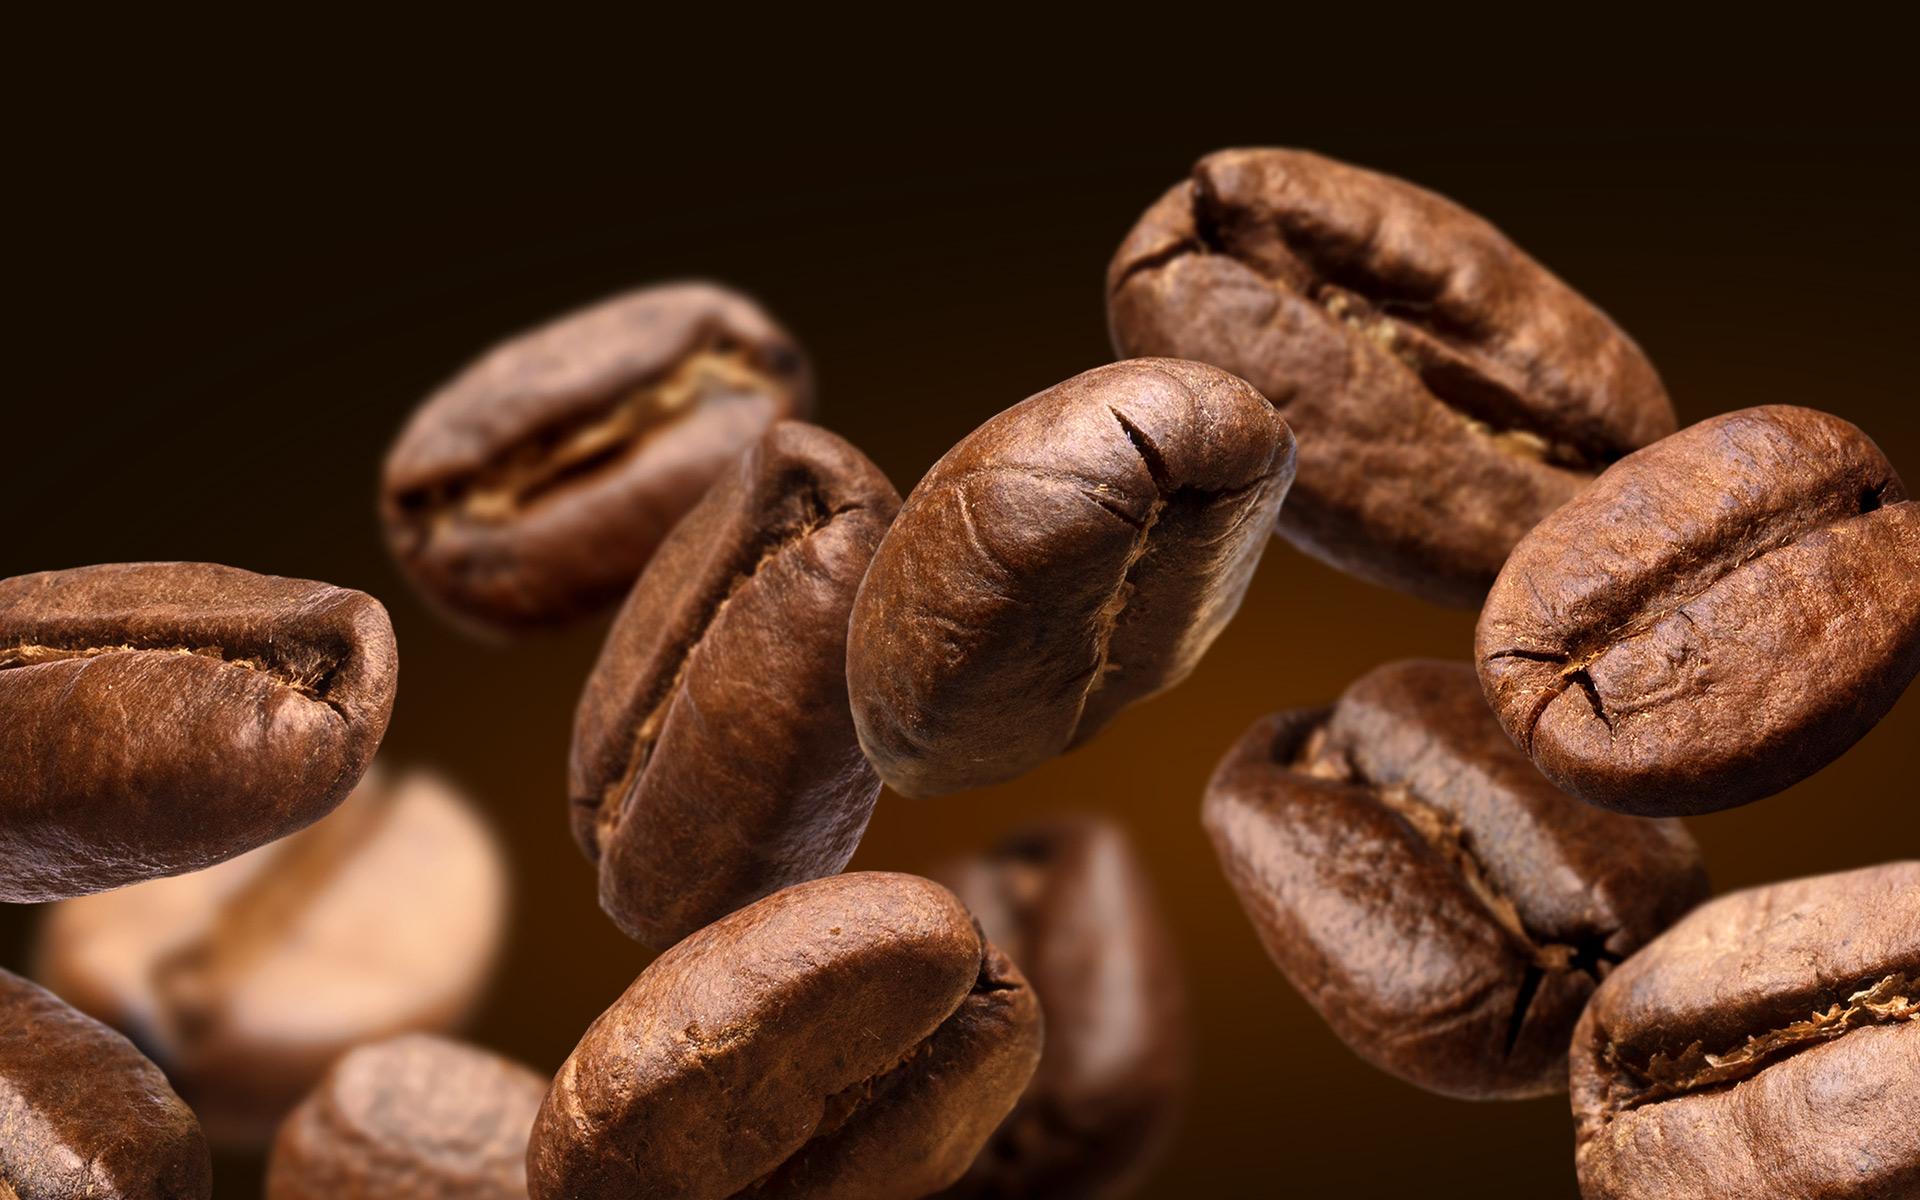 ikilob-coffee